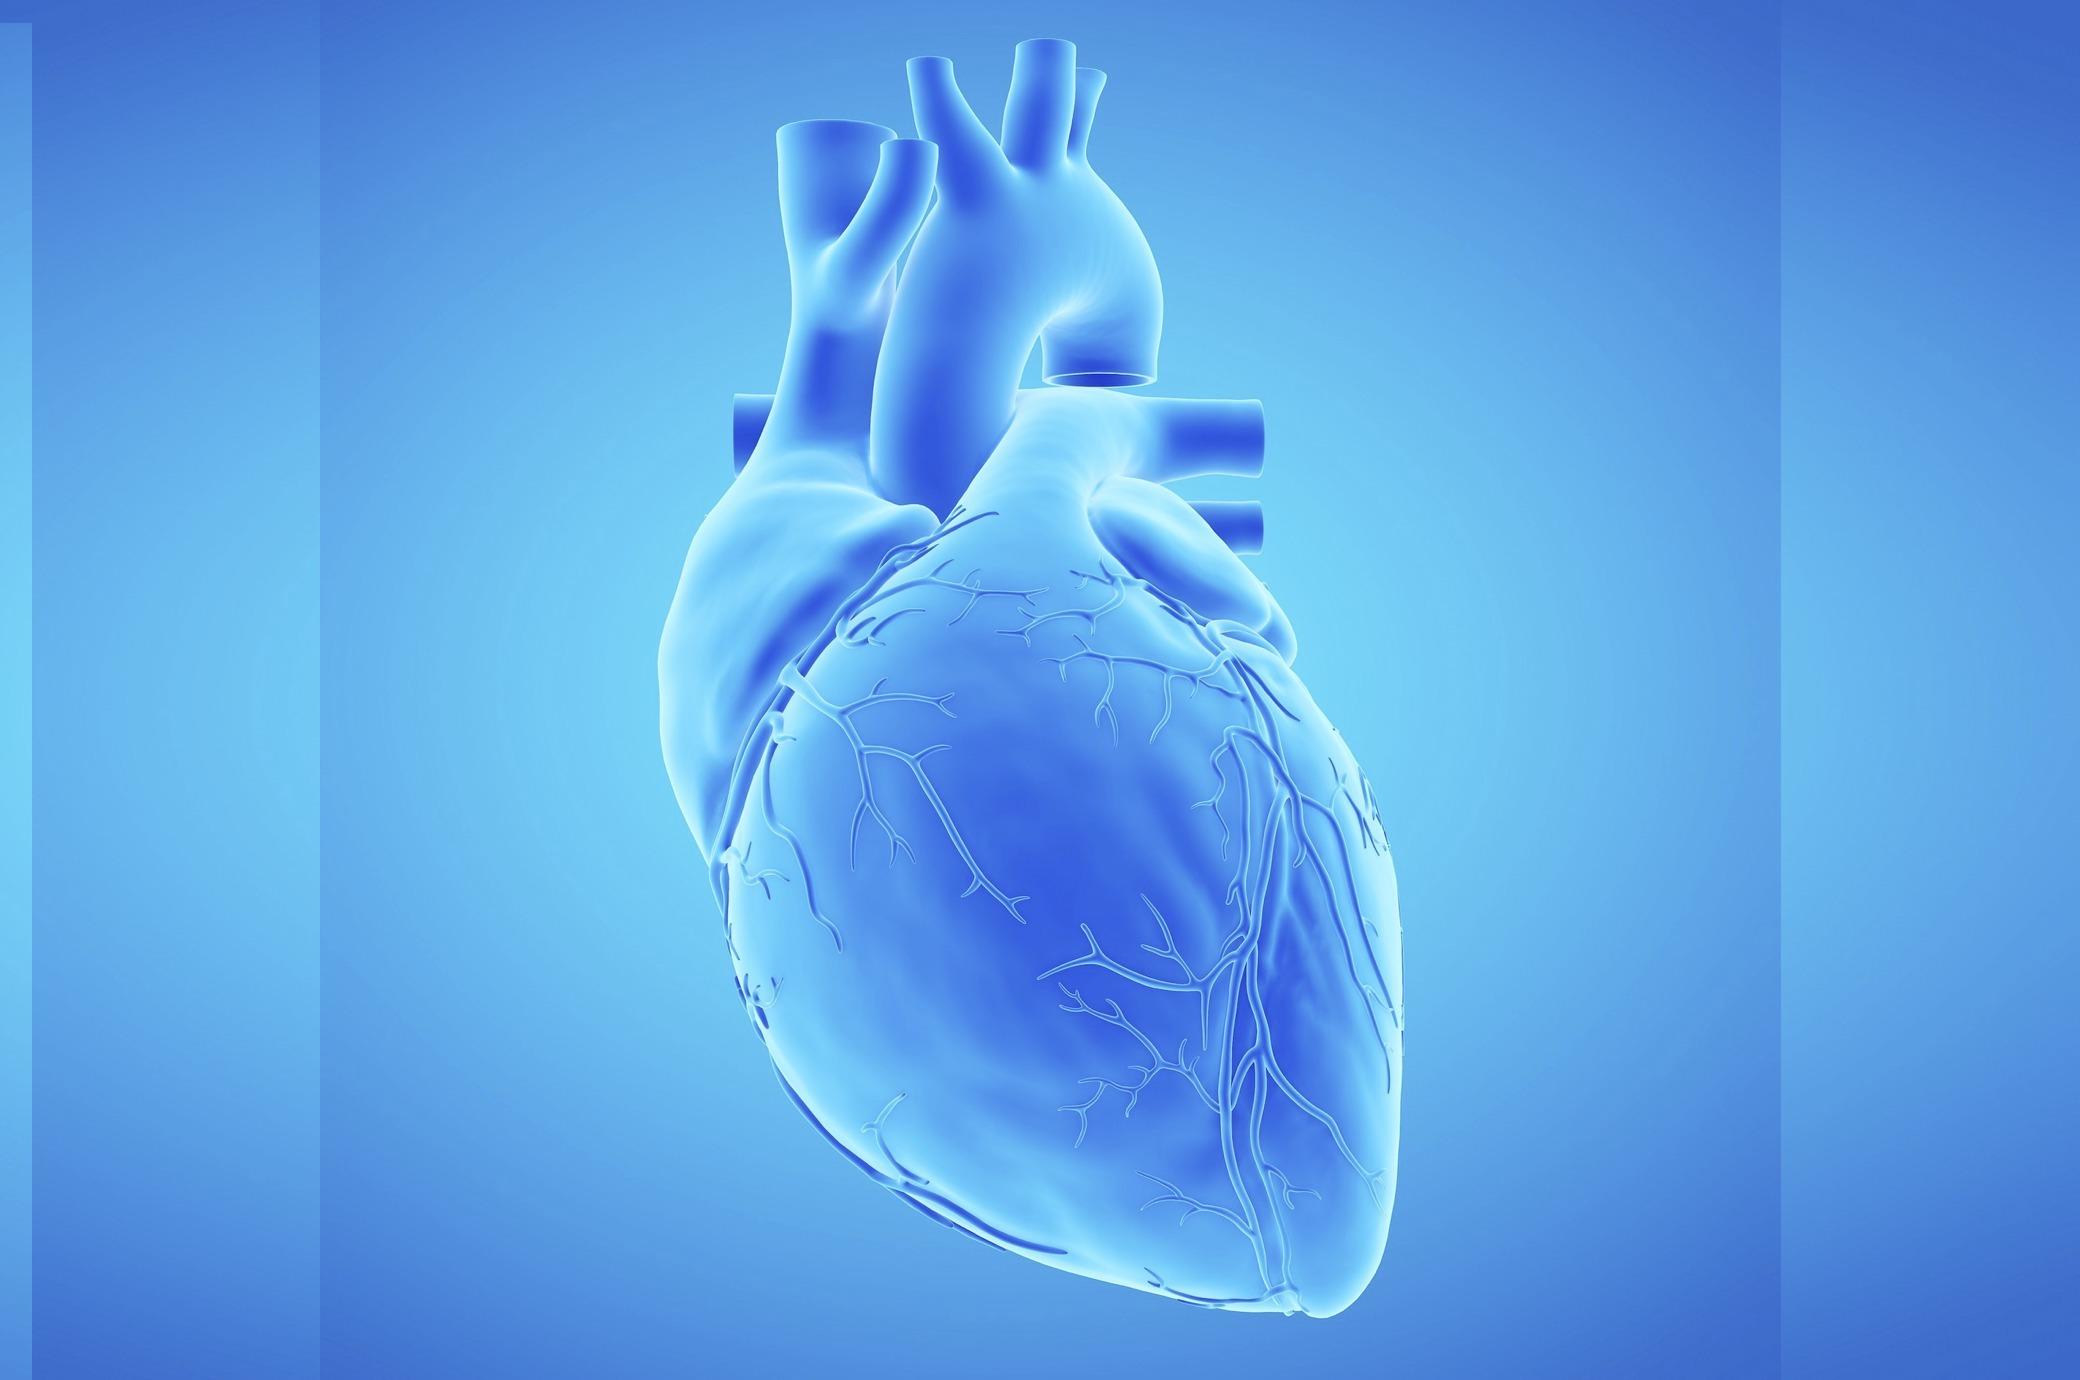 Kardiologen empfehlen 7 Schritte für ein gesundes Herz - FITBOOK